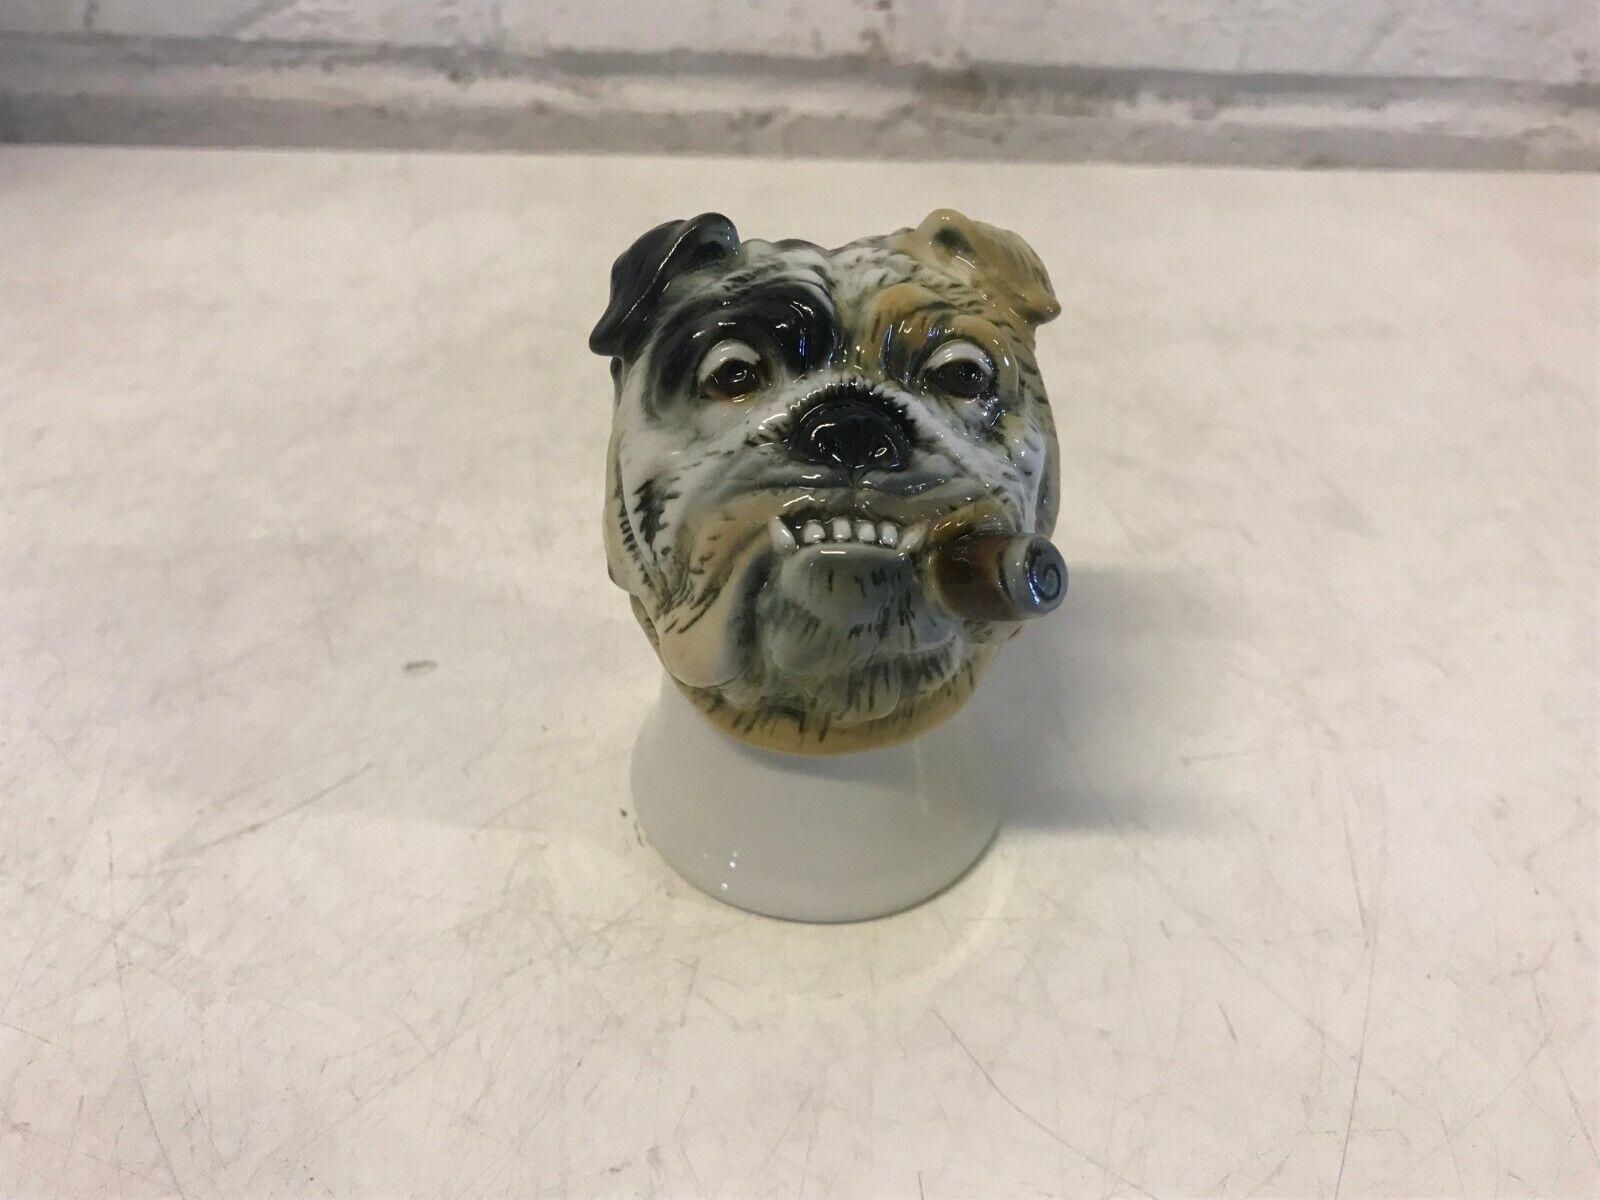 Bulldog anglais tête figurine avec cigare en bouche & faiseurs marque